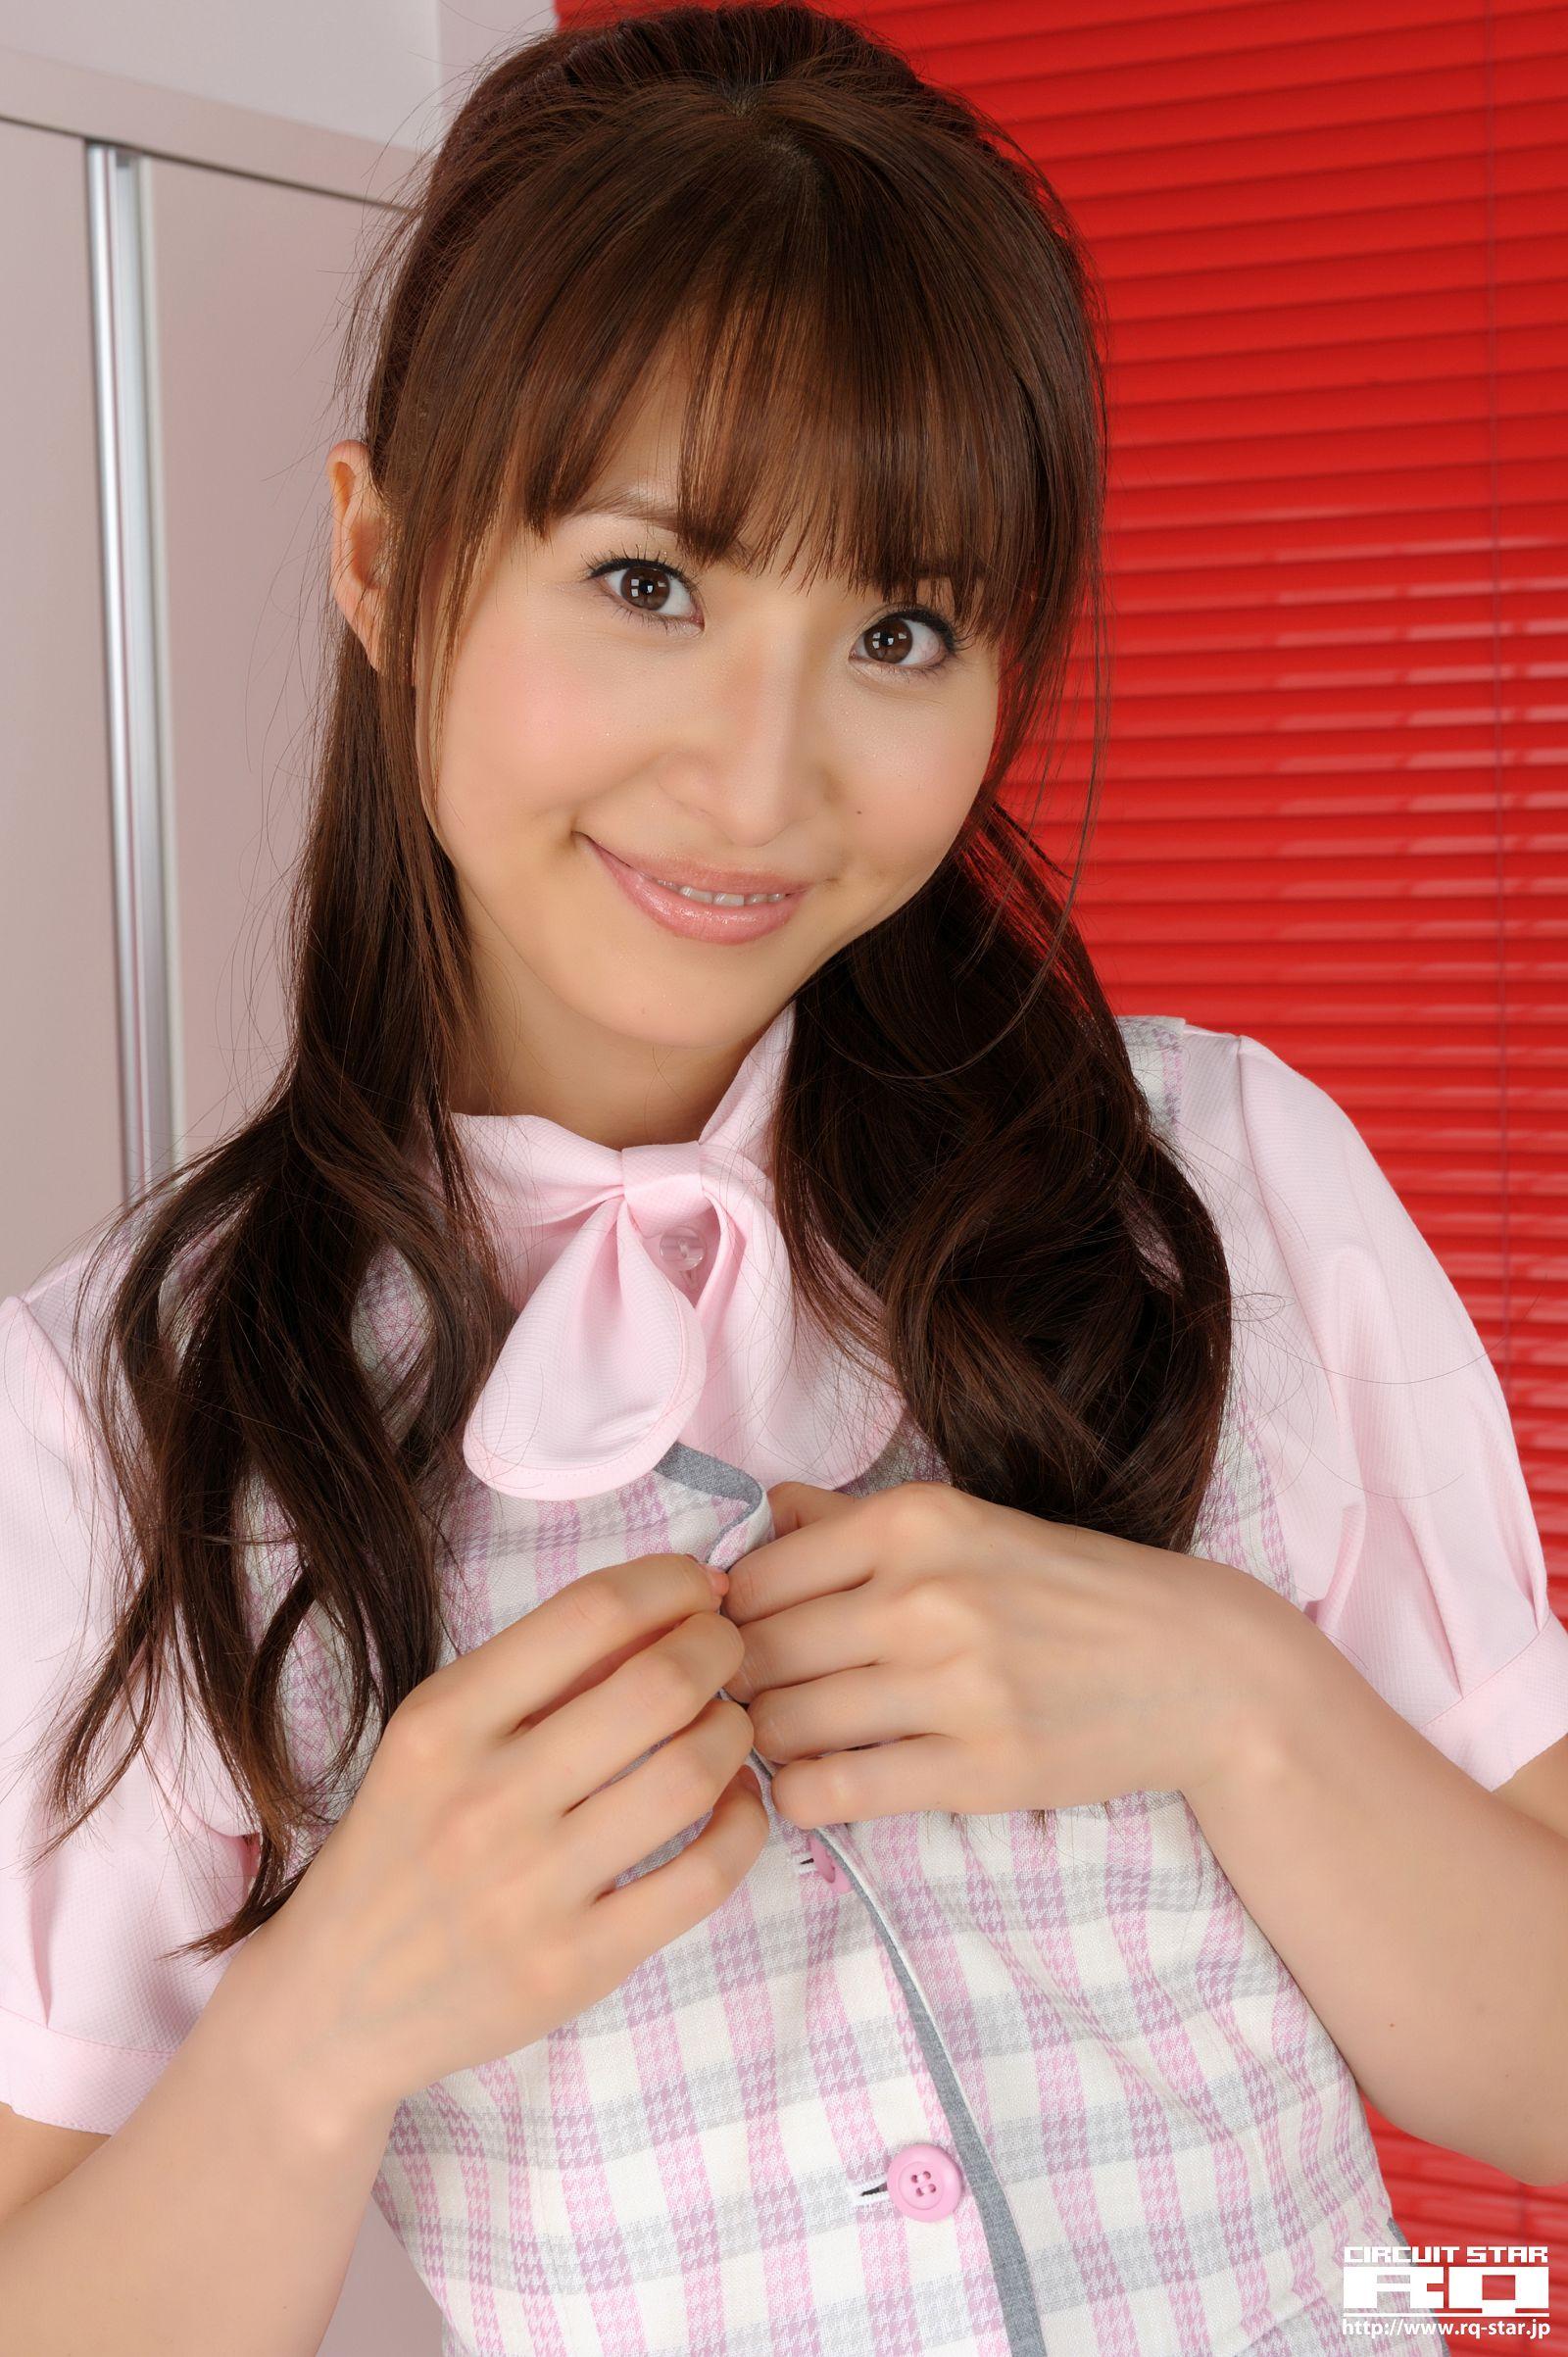 [RQ STAR美女] NO.0339 Rena Sawai 澤井玲菜 Swim Suits[82P] RQ STAR 第1张